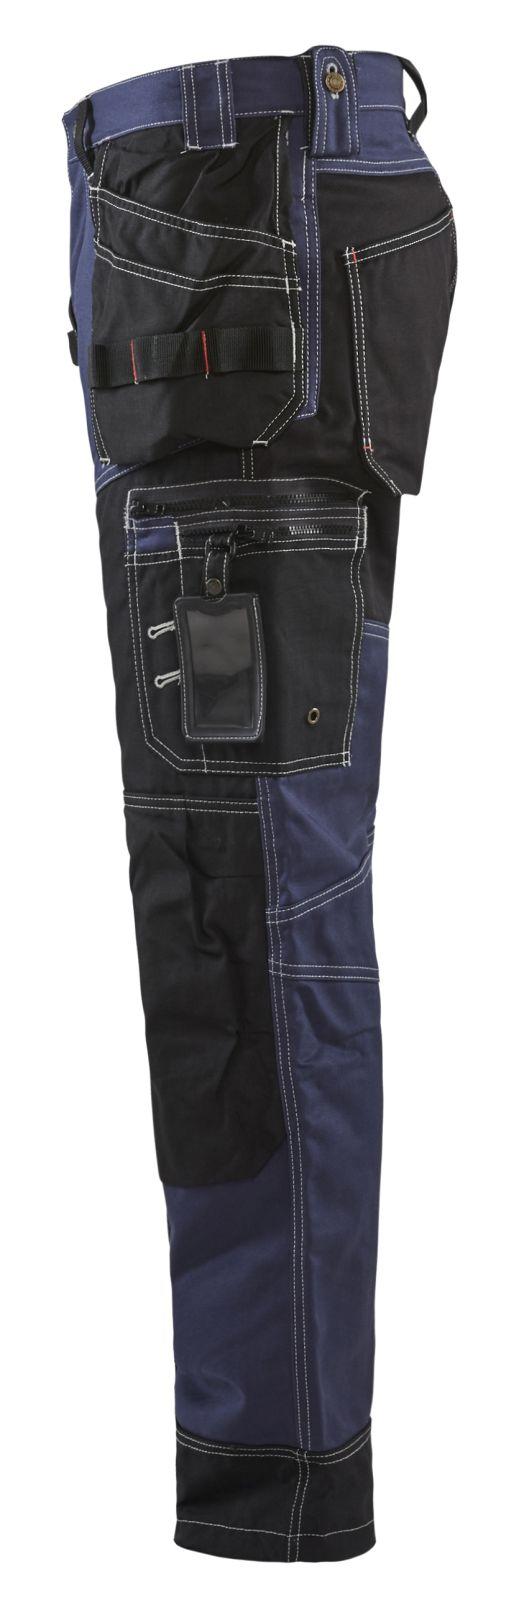 Blaklader Broeken 15001370 marineblauw-zwart(8899)